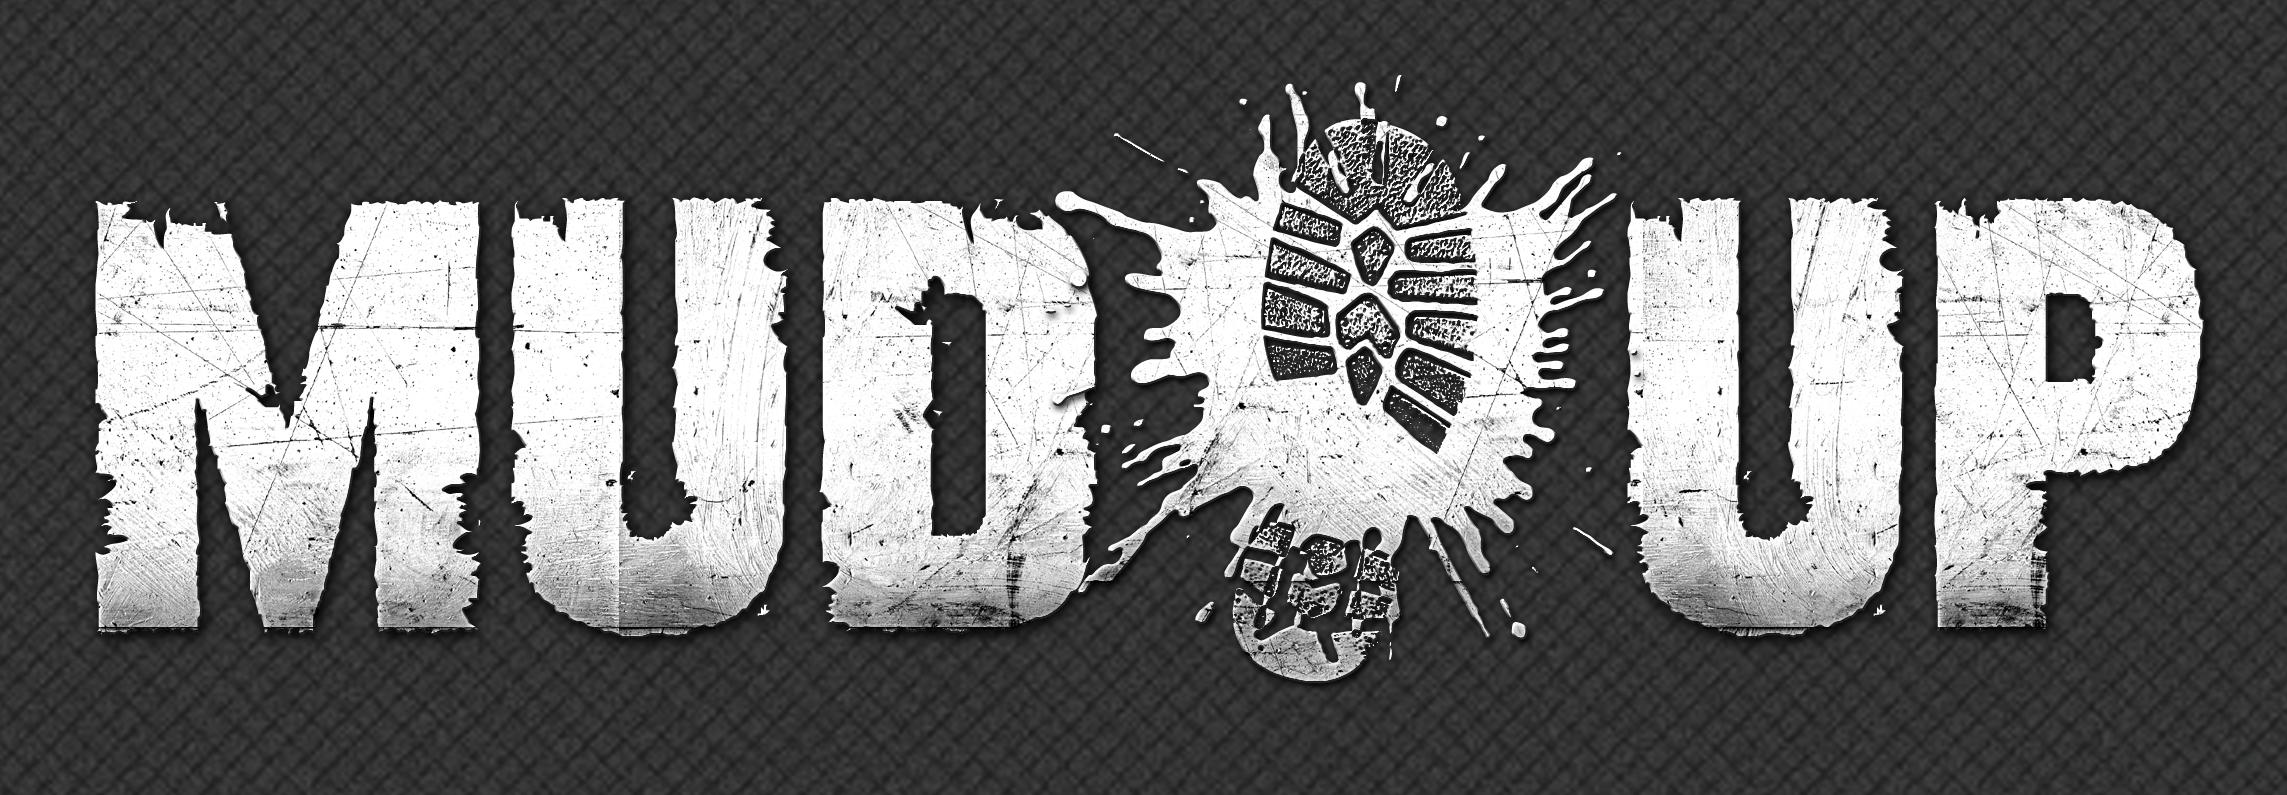 Draft-Mud-up-logo.jpg